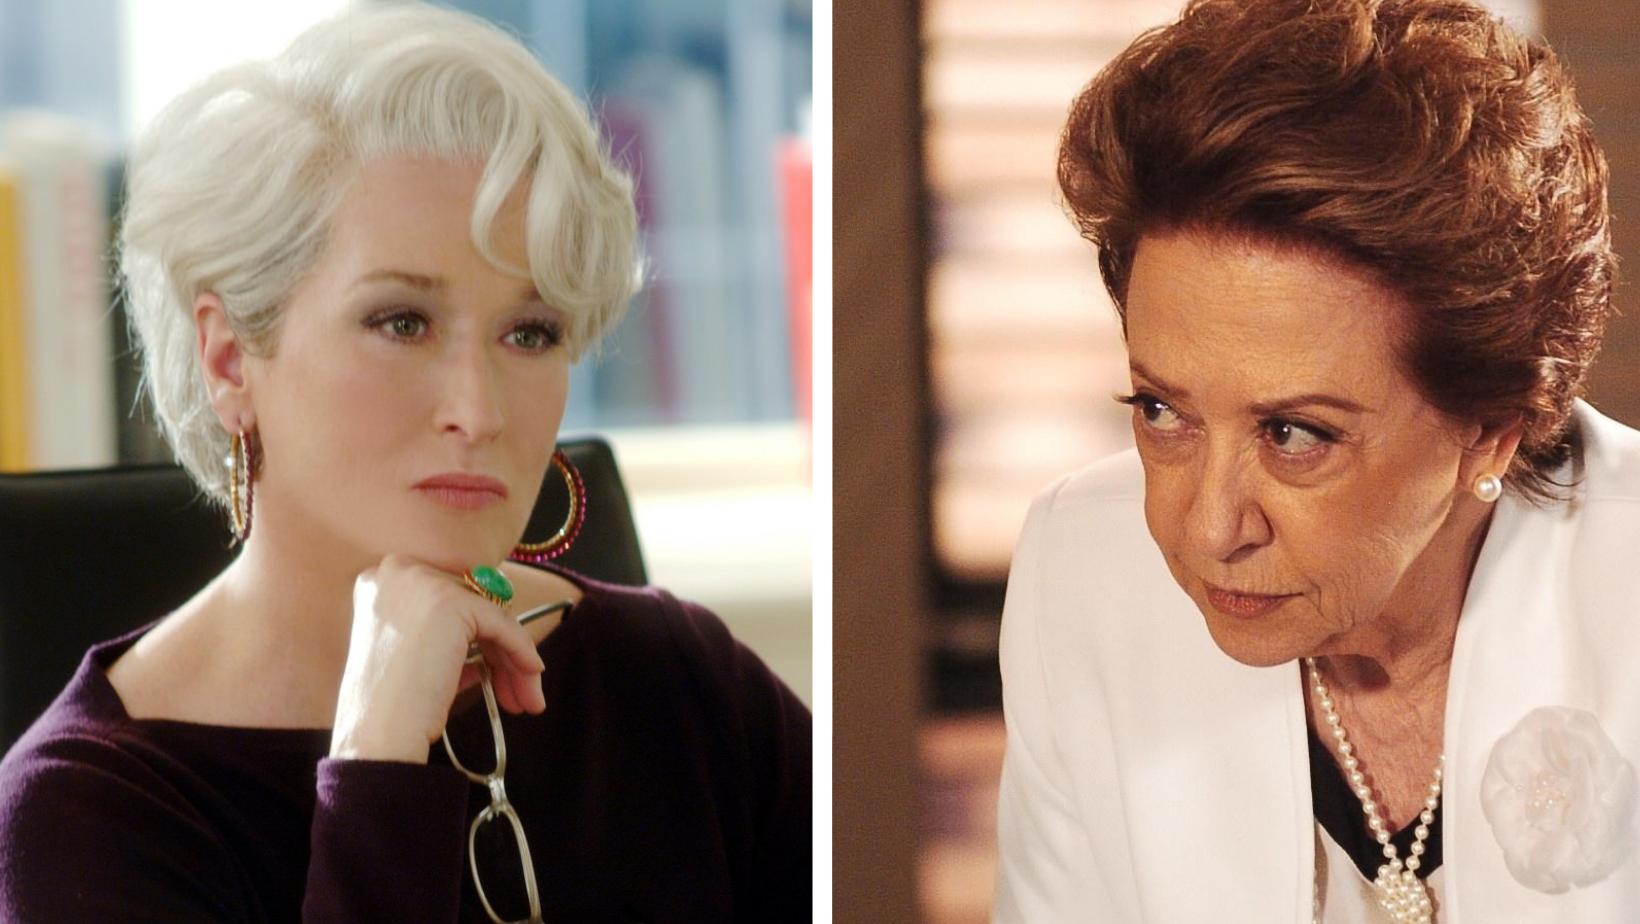 As personagens miranda priestly e Bia Falcão, interpretadas respectivamente por Streep e Montenegro